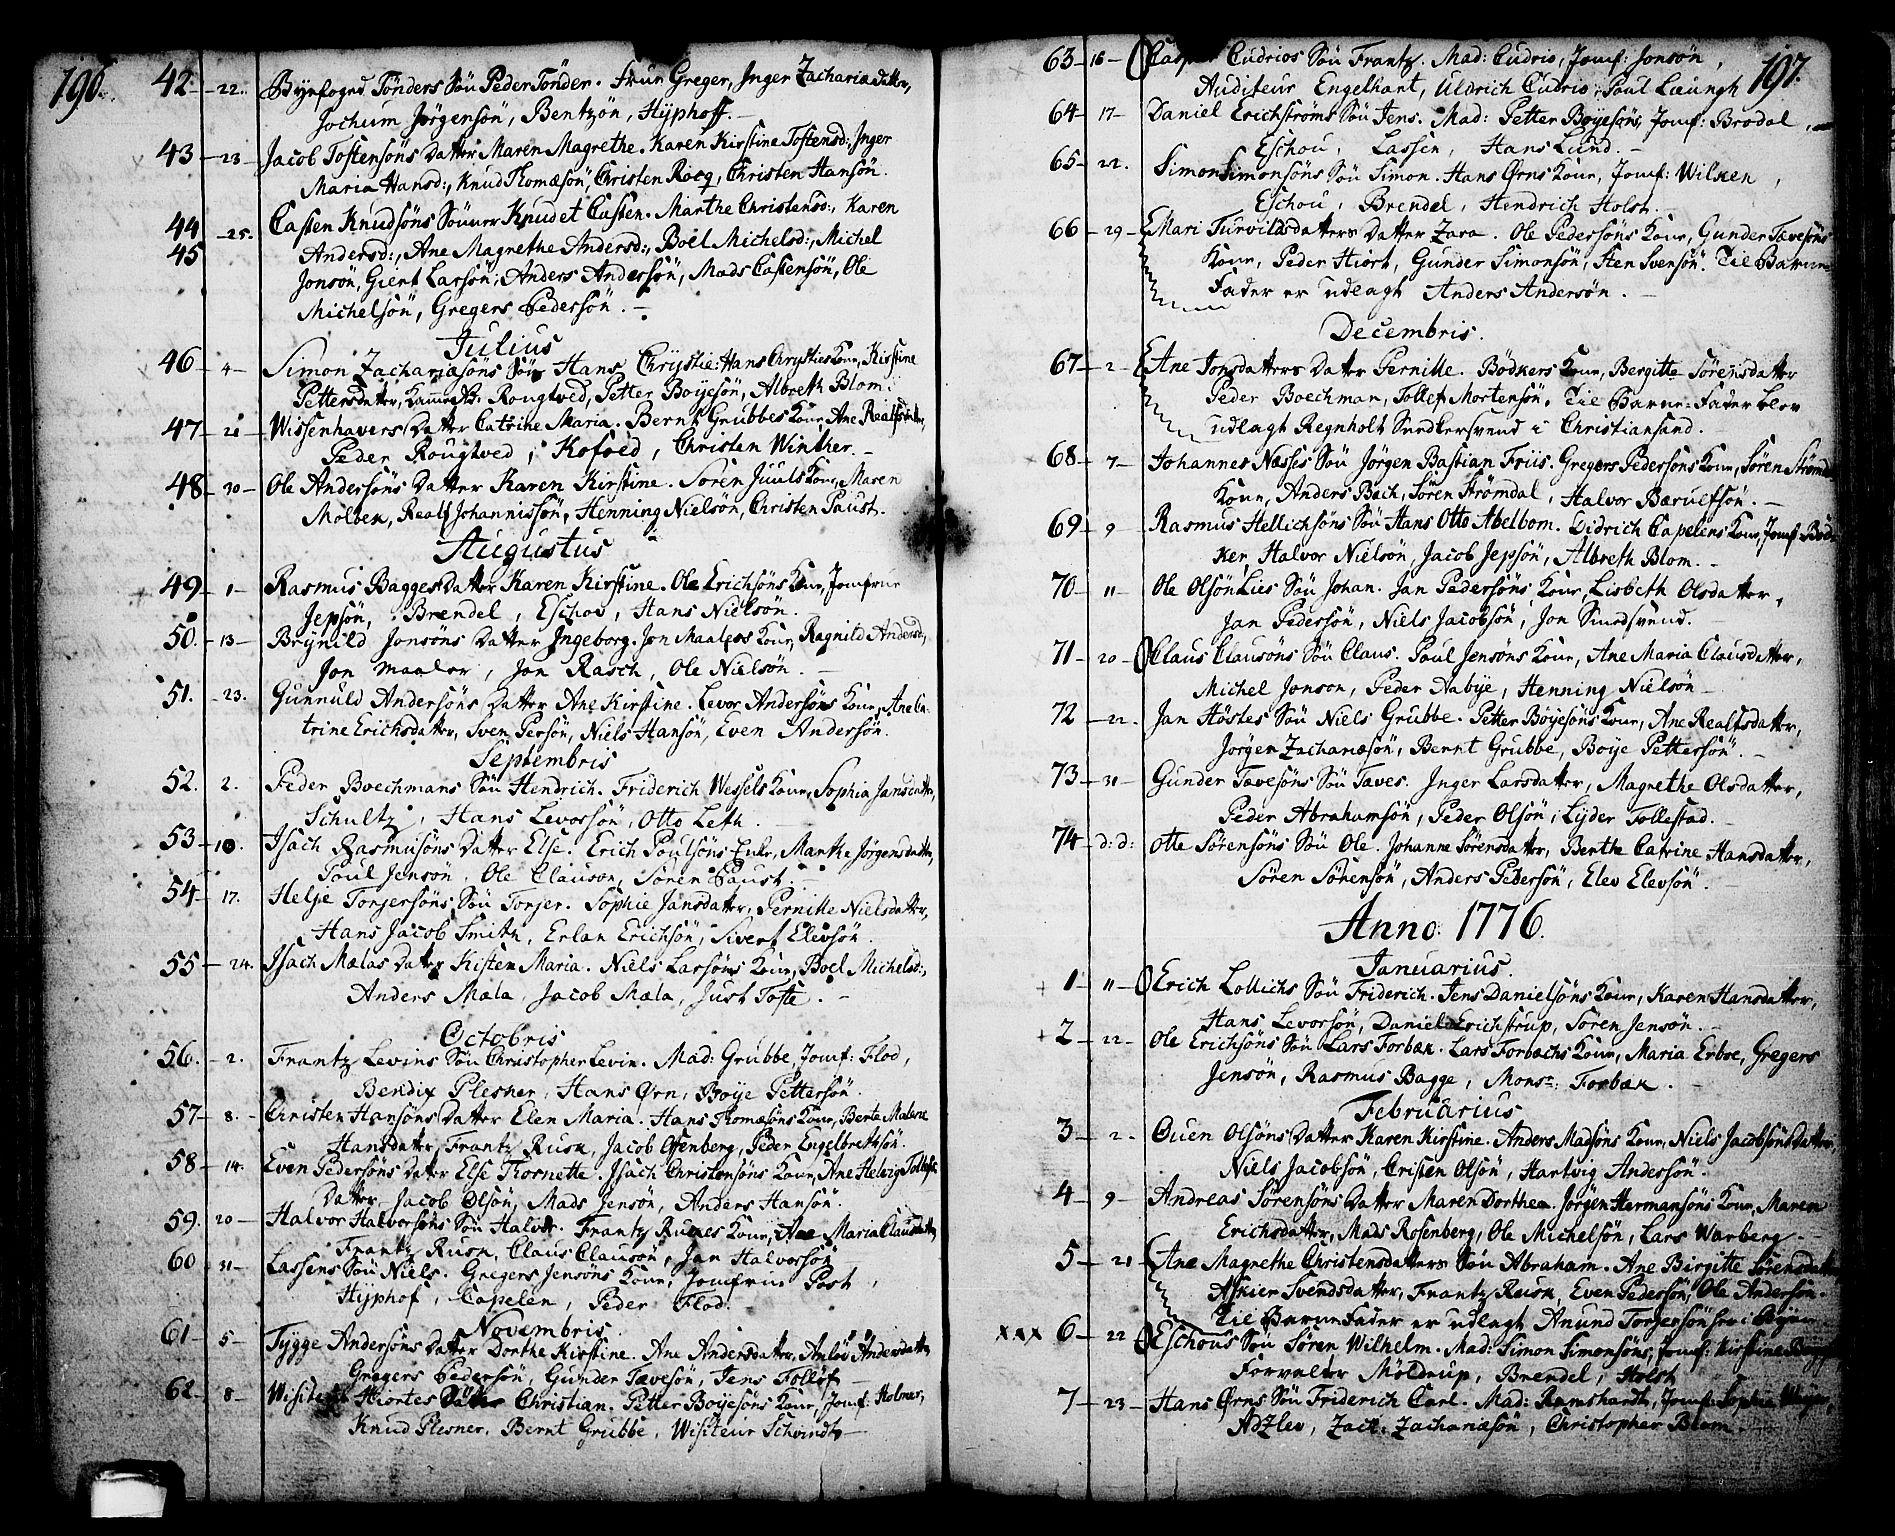 SAKO, Skien kirkebøker, F/Fa/L0003: Ministerialbok nr. 3, 1755-1791, s. 196-197